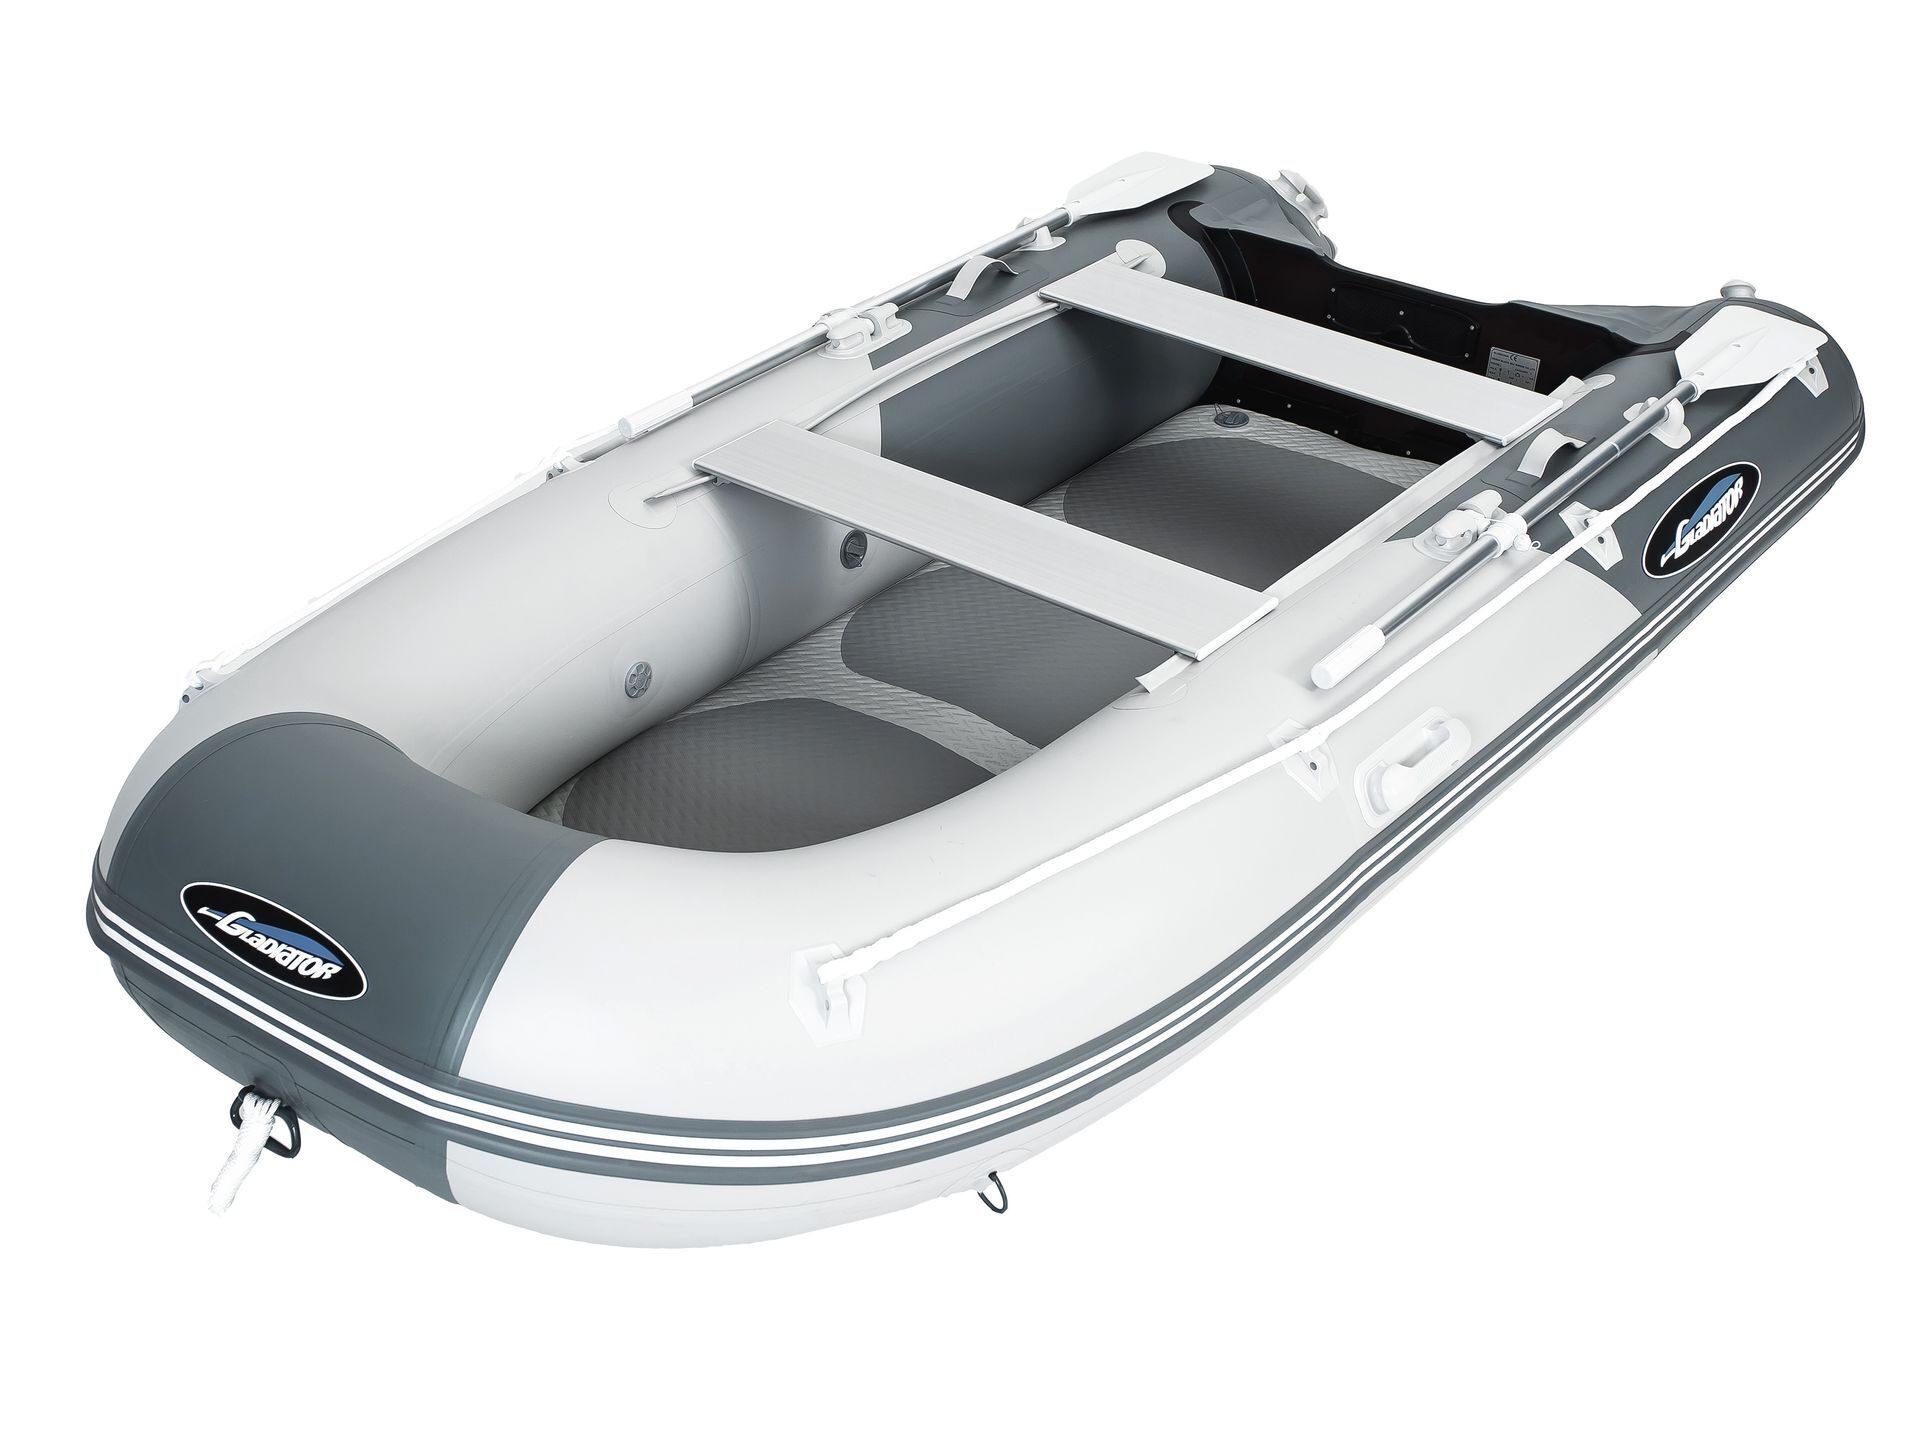 надувные лодки с надувным днищем